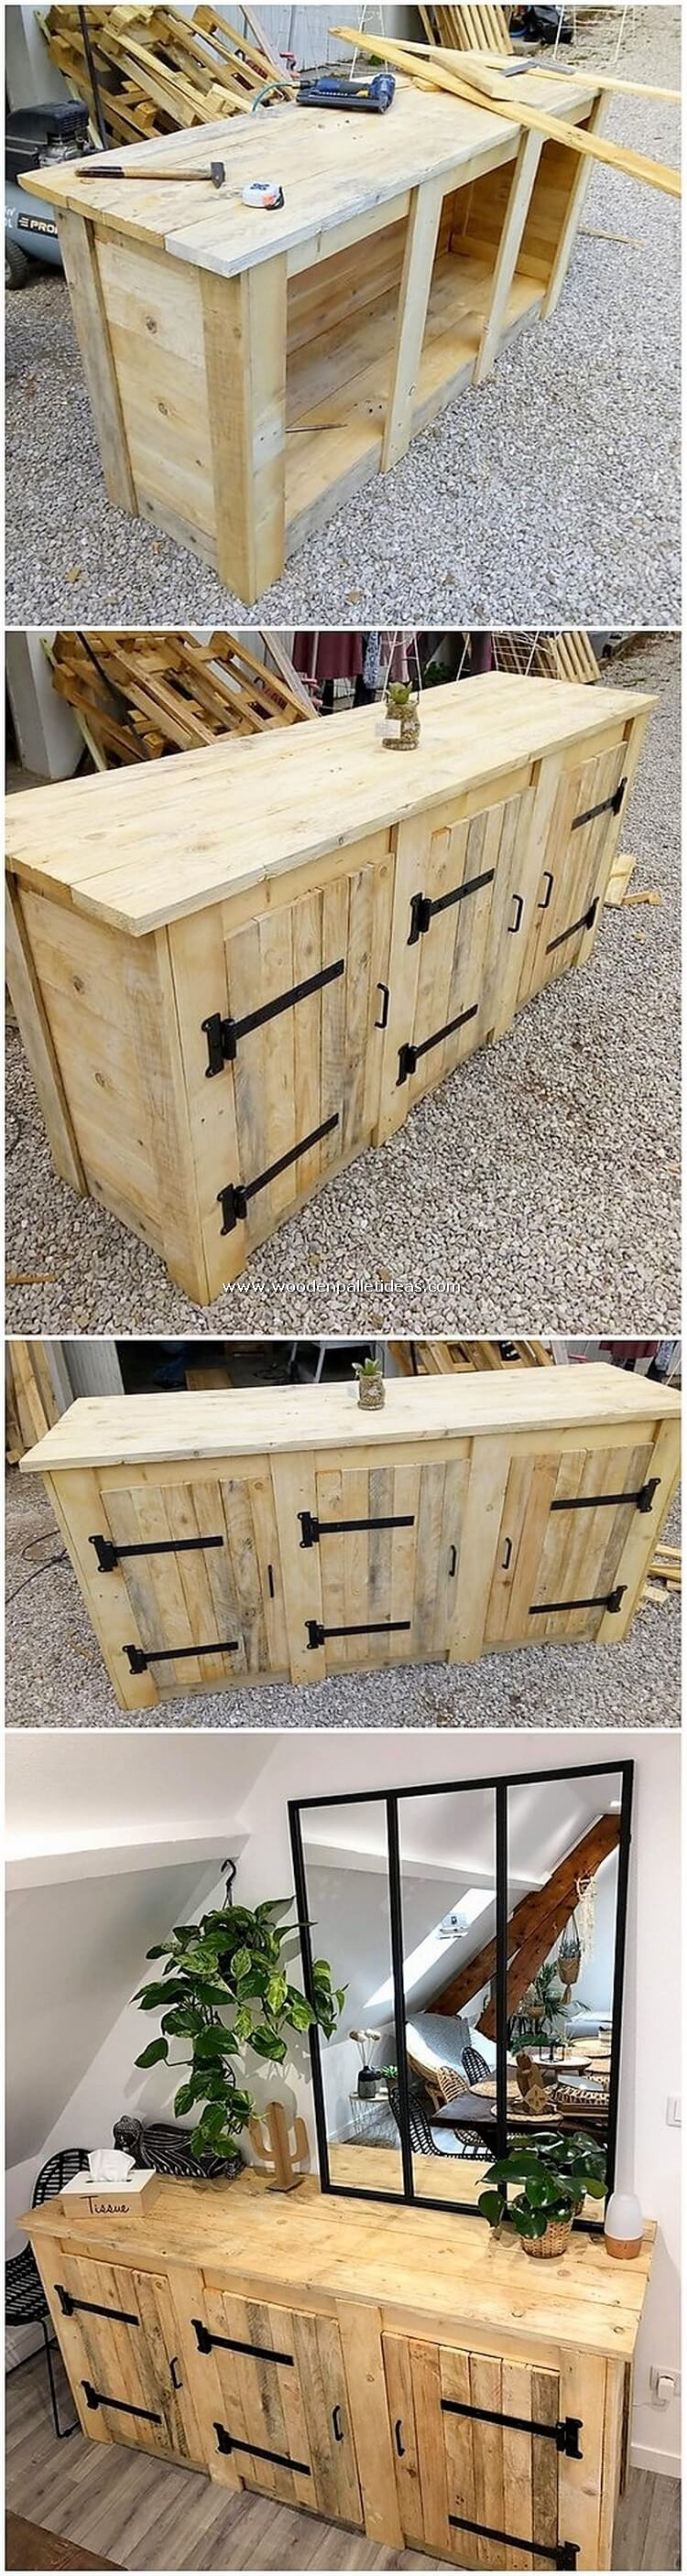 DIY-Wood-Pallet-Cabinet